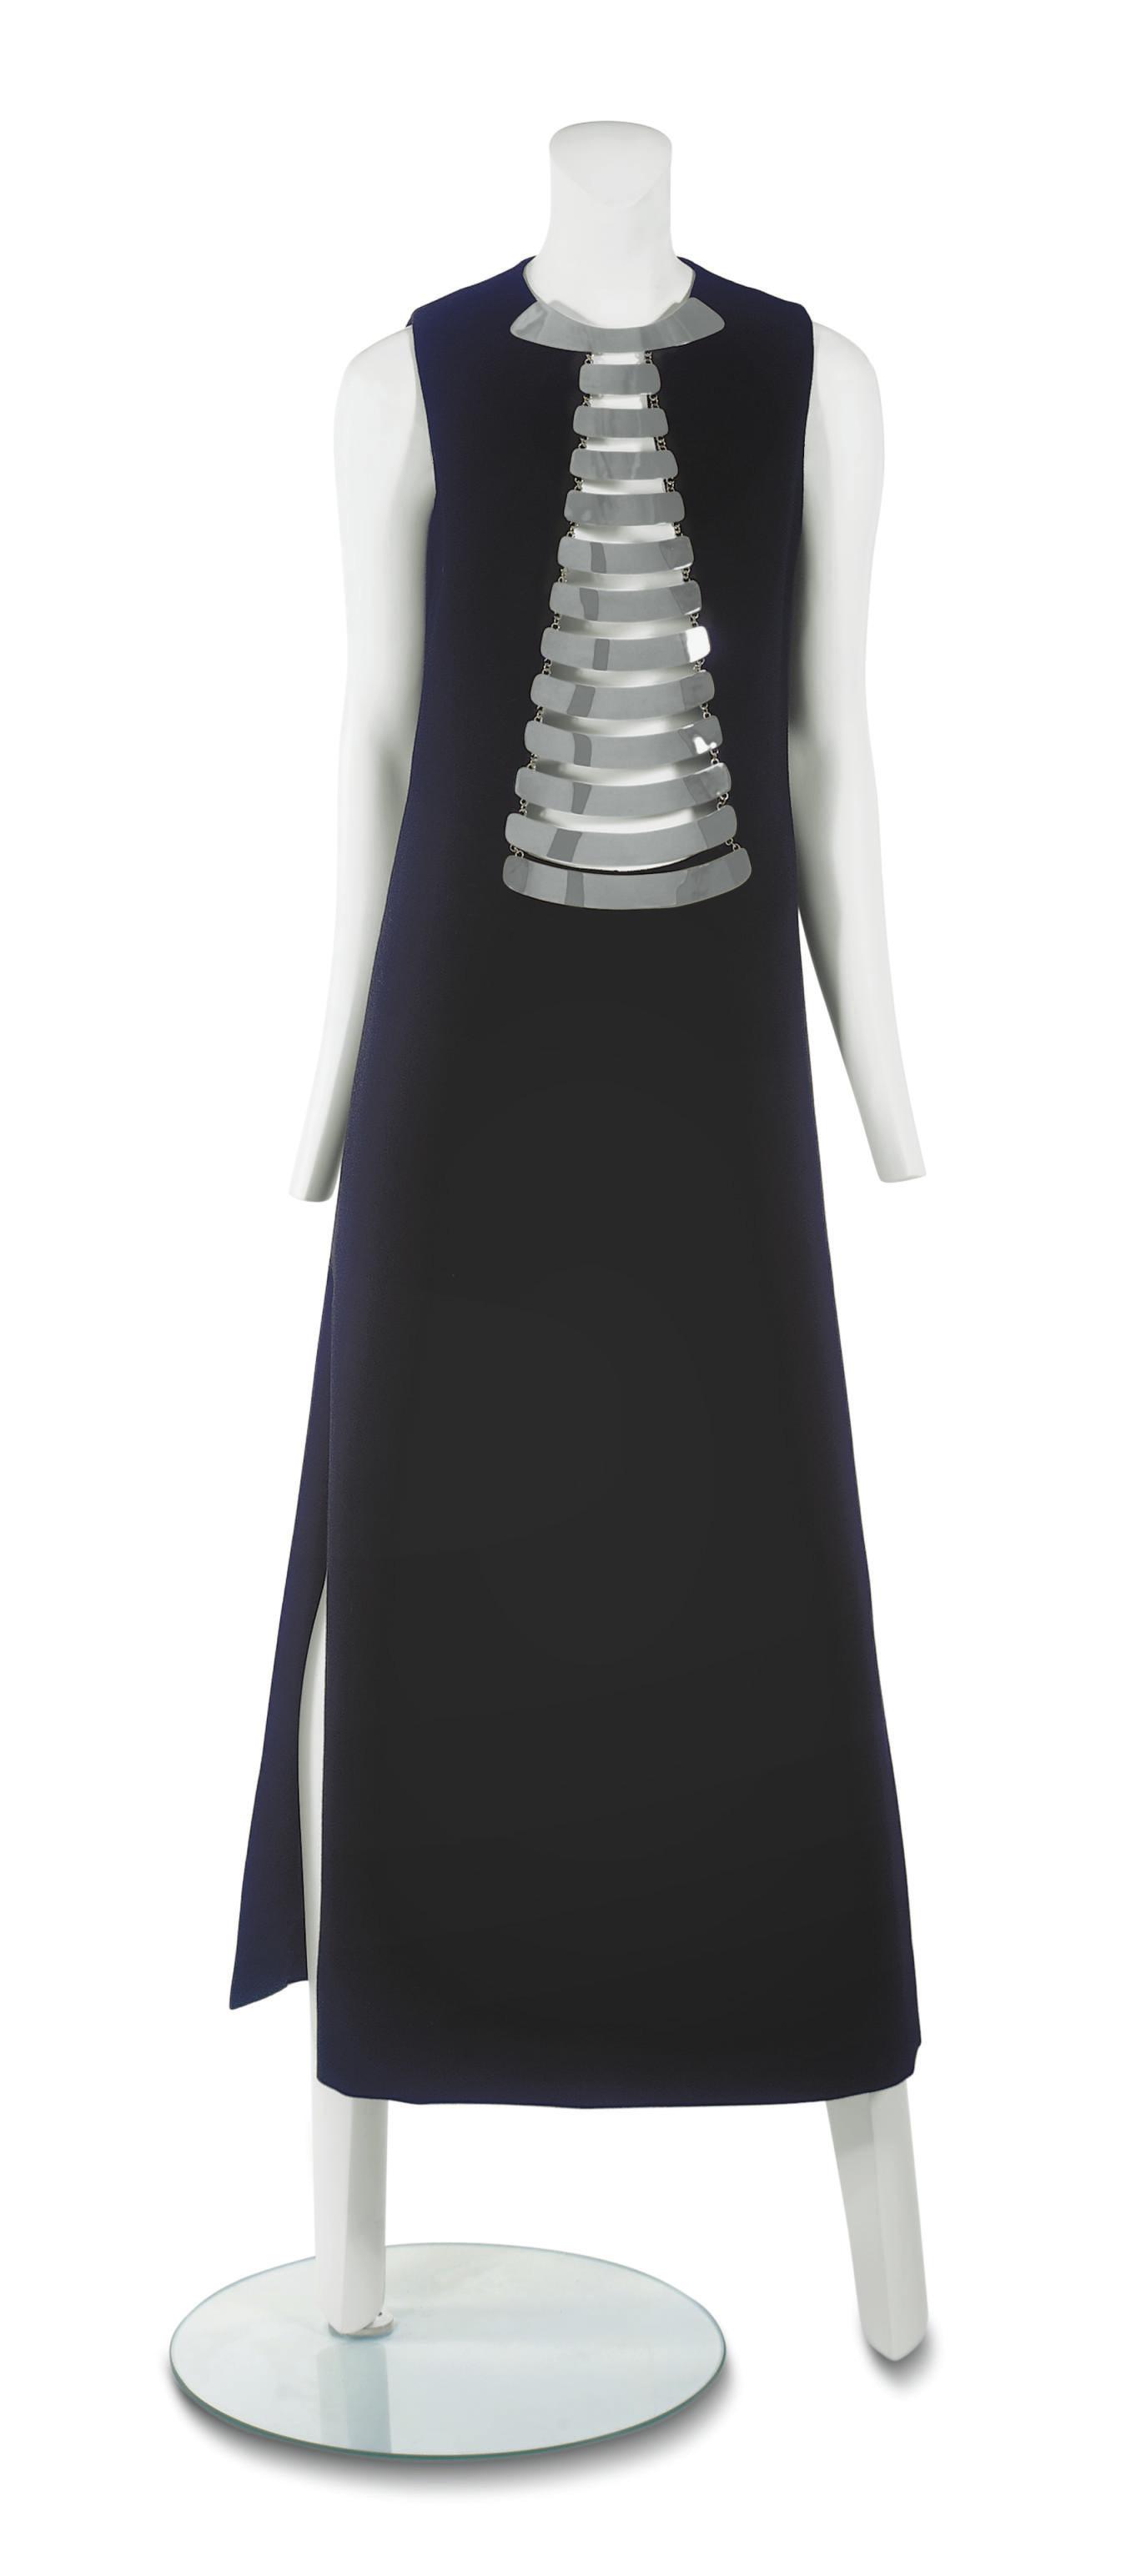 PIERRE CARDIN (B.1922) A FULL-LENGTH EVENING DRESS